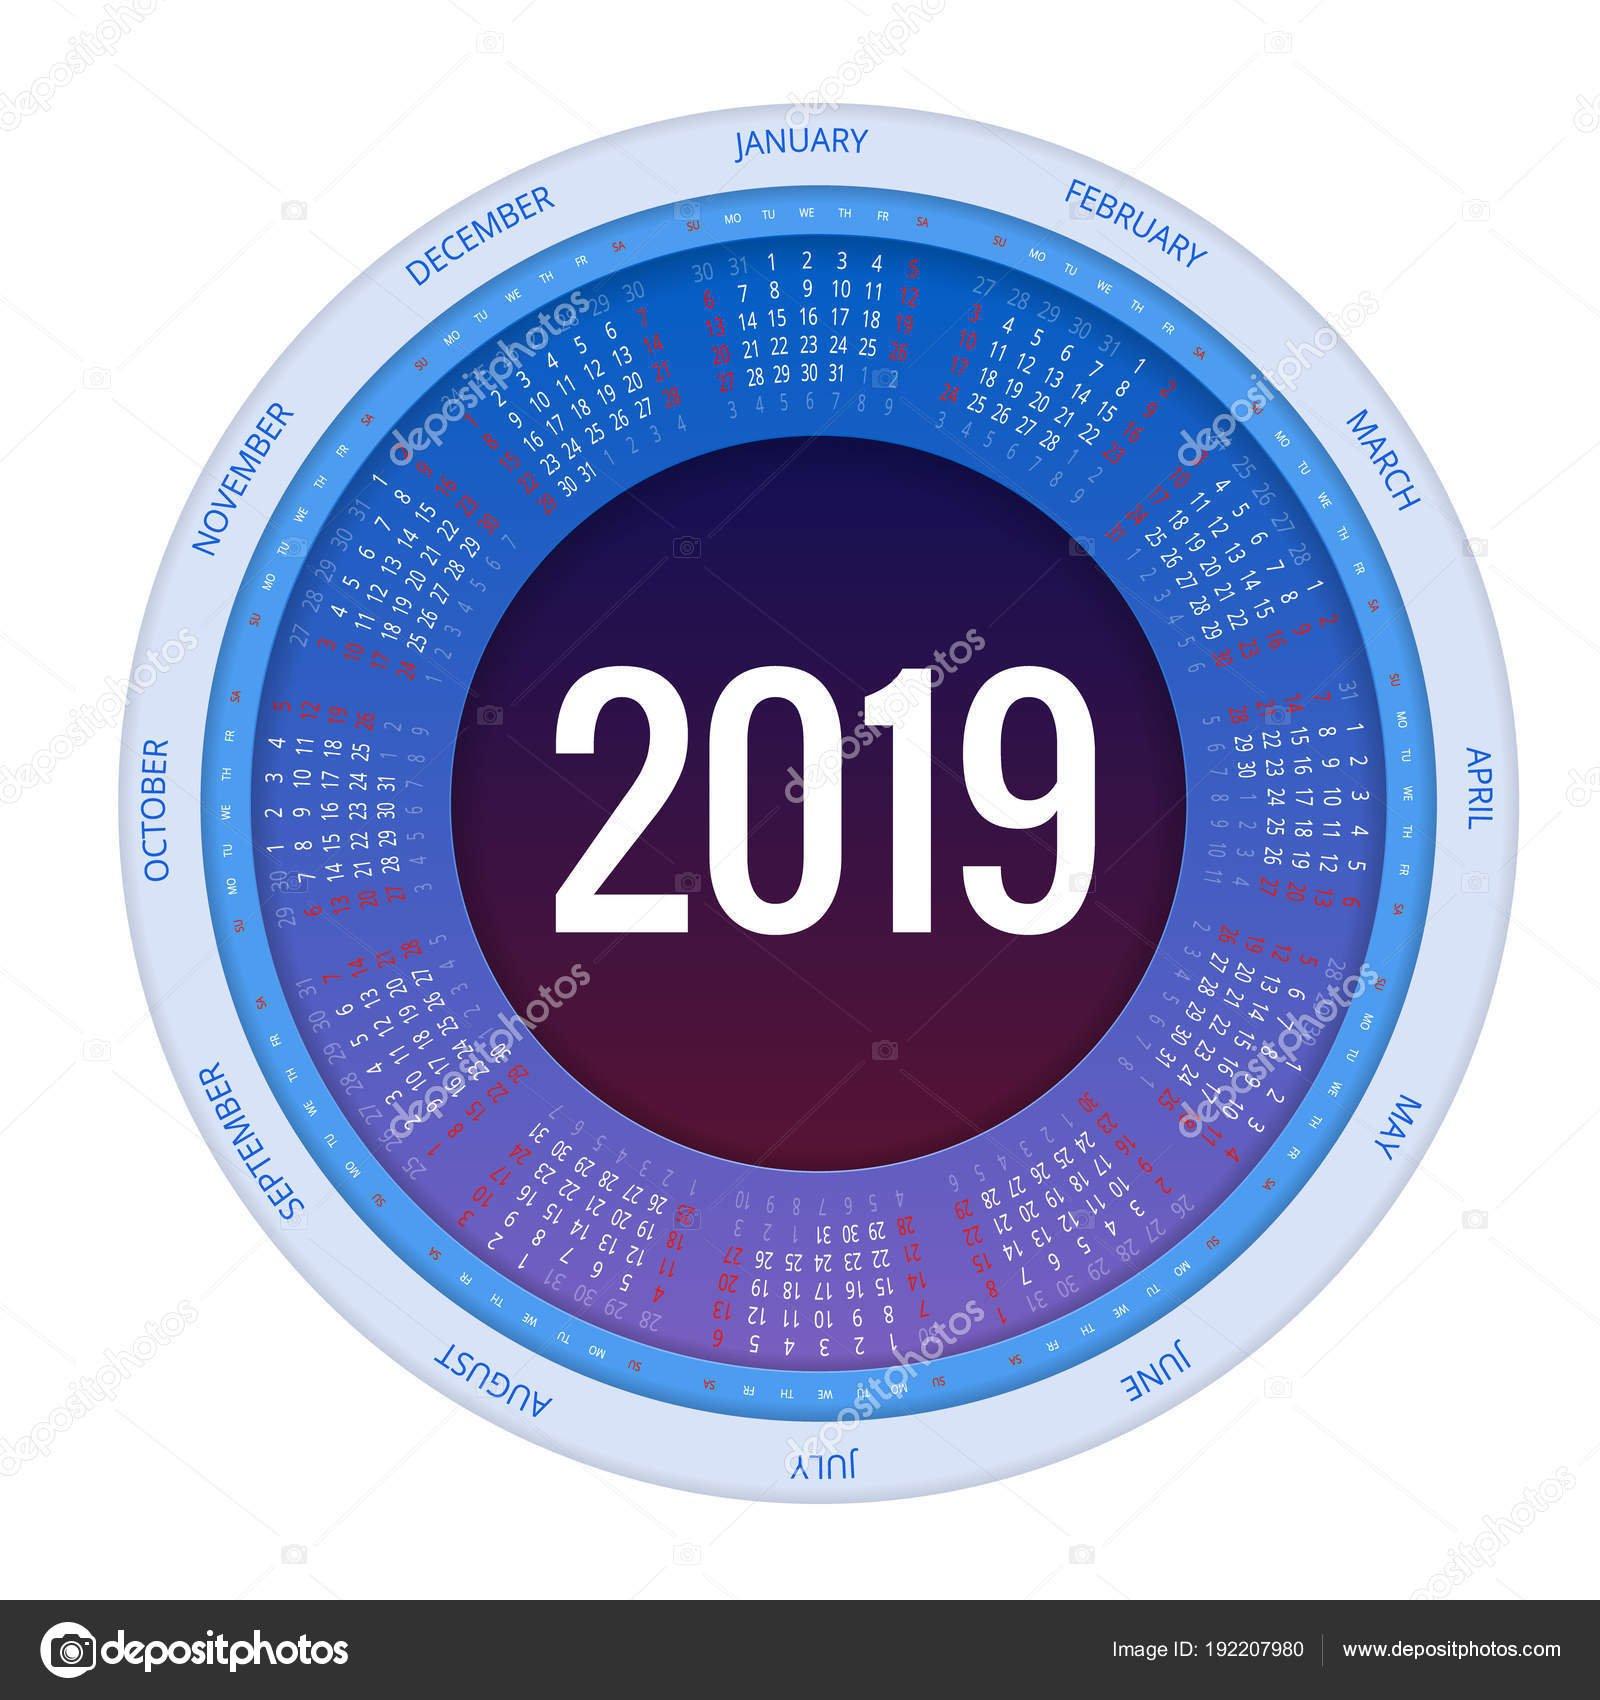 Colorful Round Calendar 2019 Design, Print Template, Your Logo And Calendar 2019 Logo